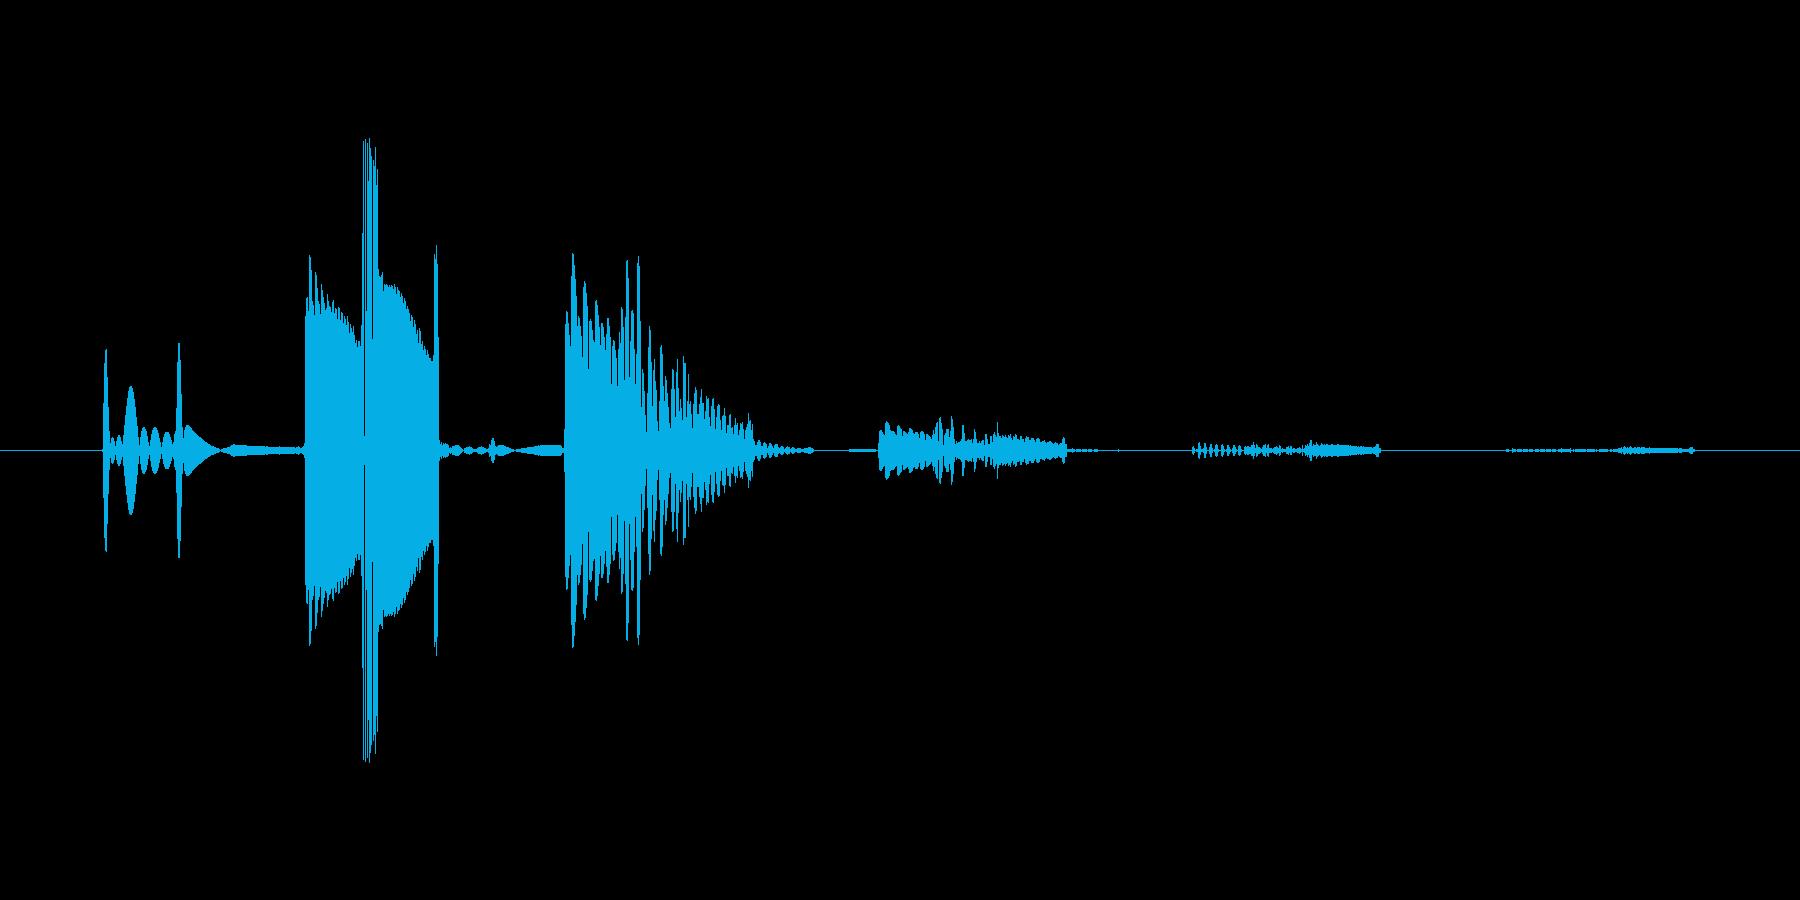 ボタン音5  アナログシンセ 使用の再生済みの波形